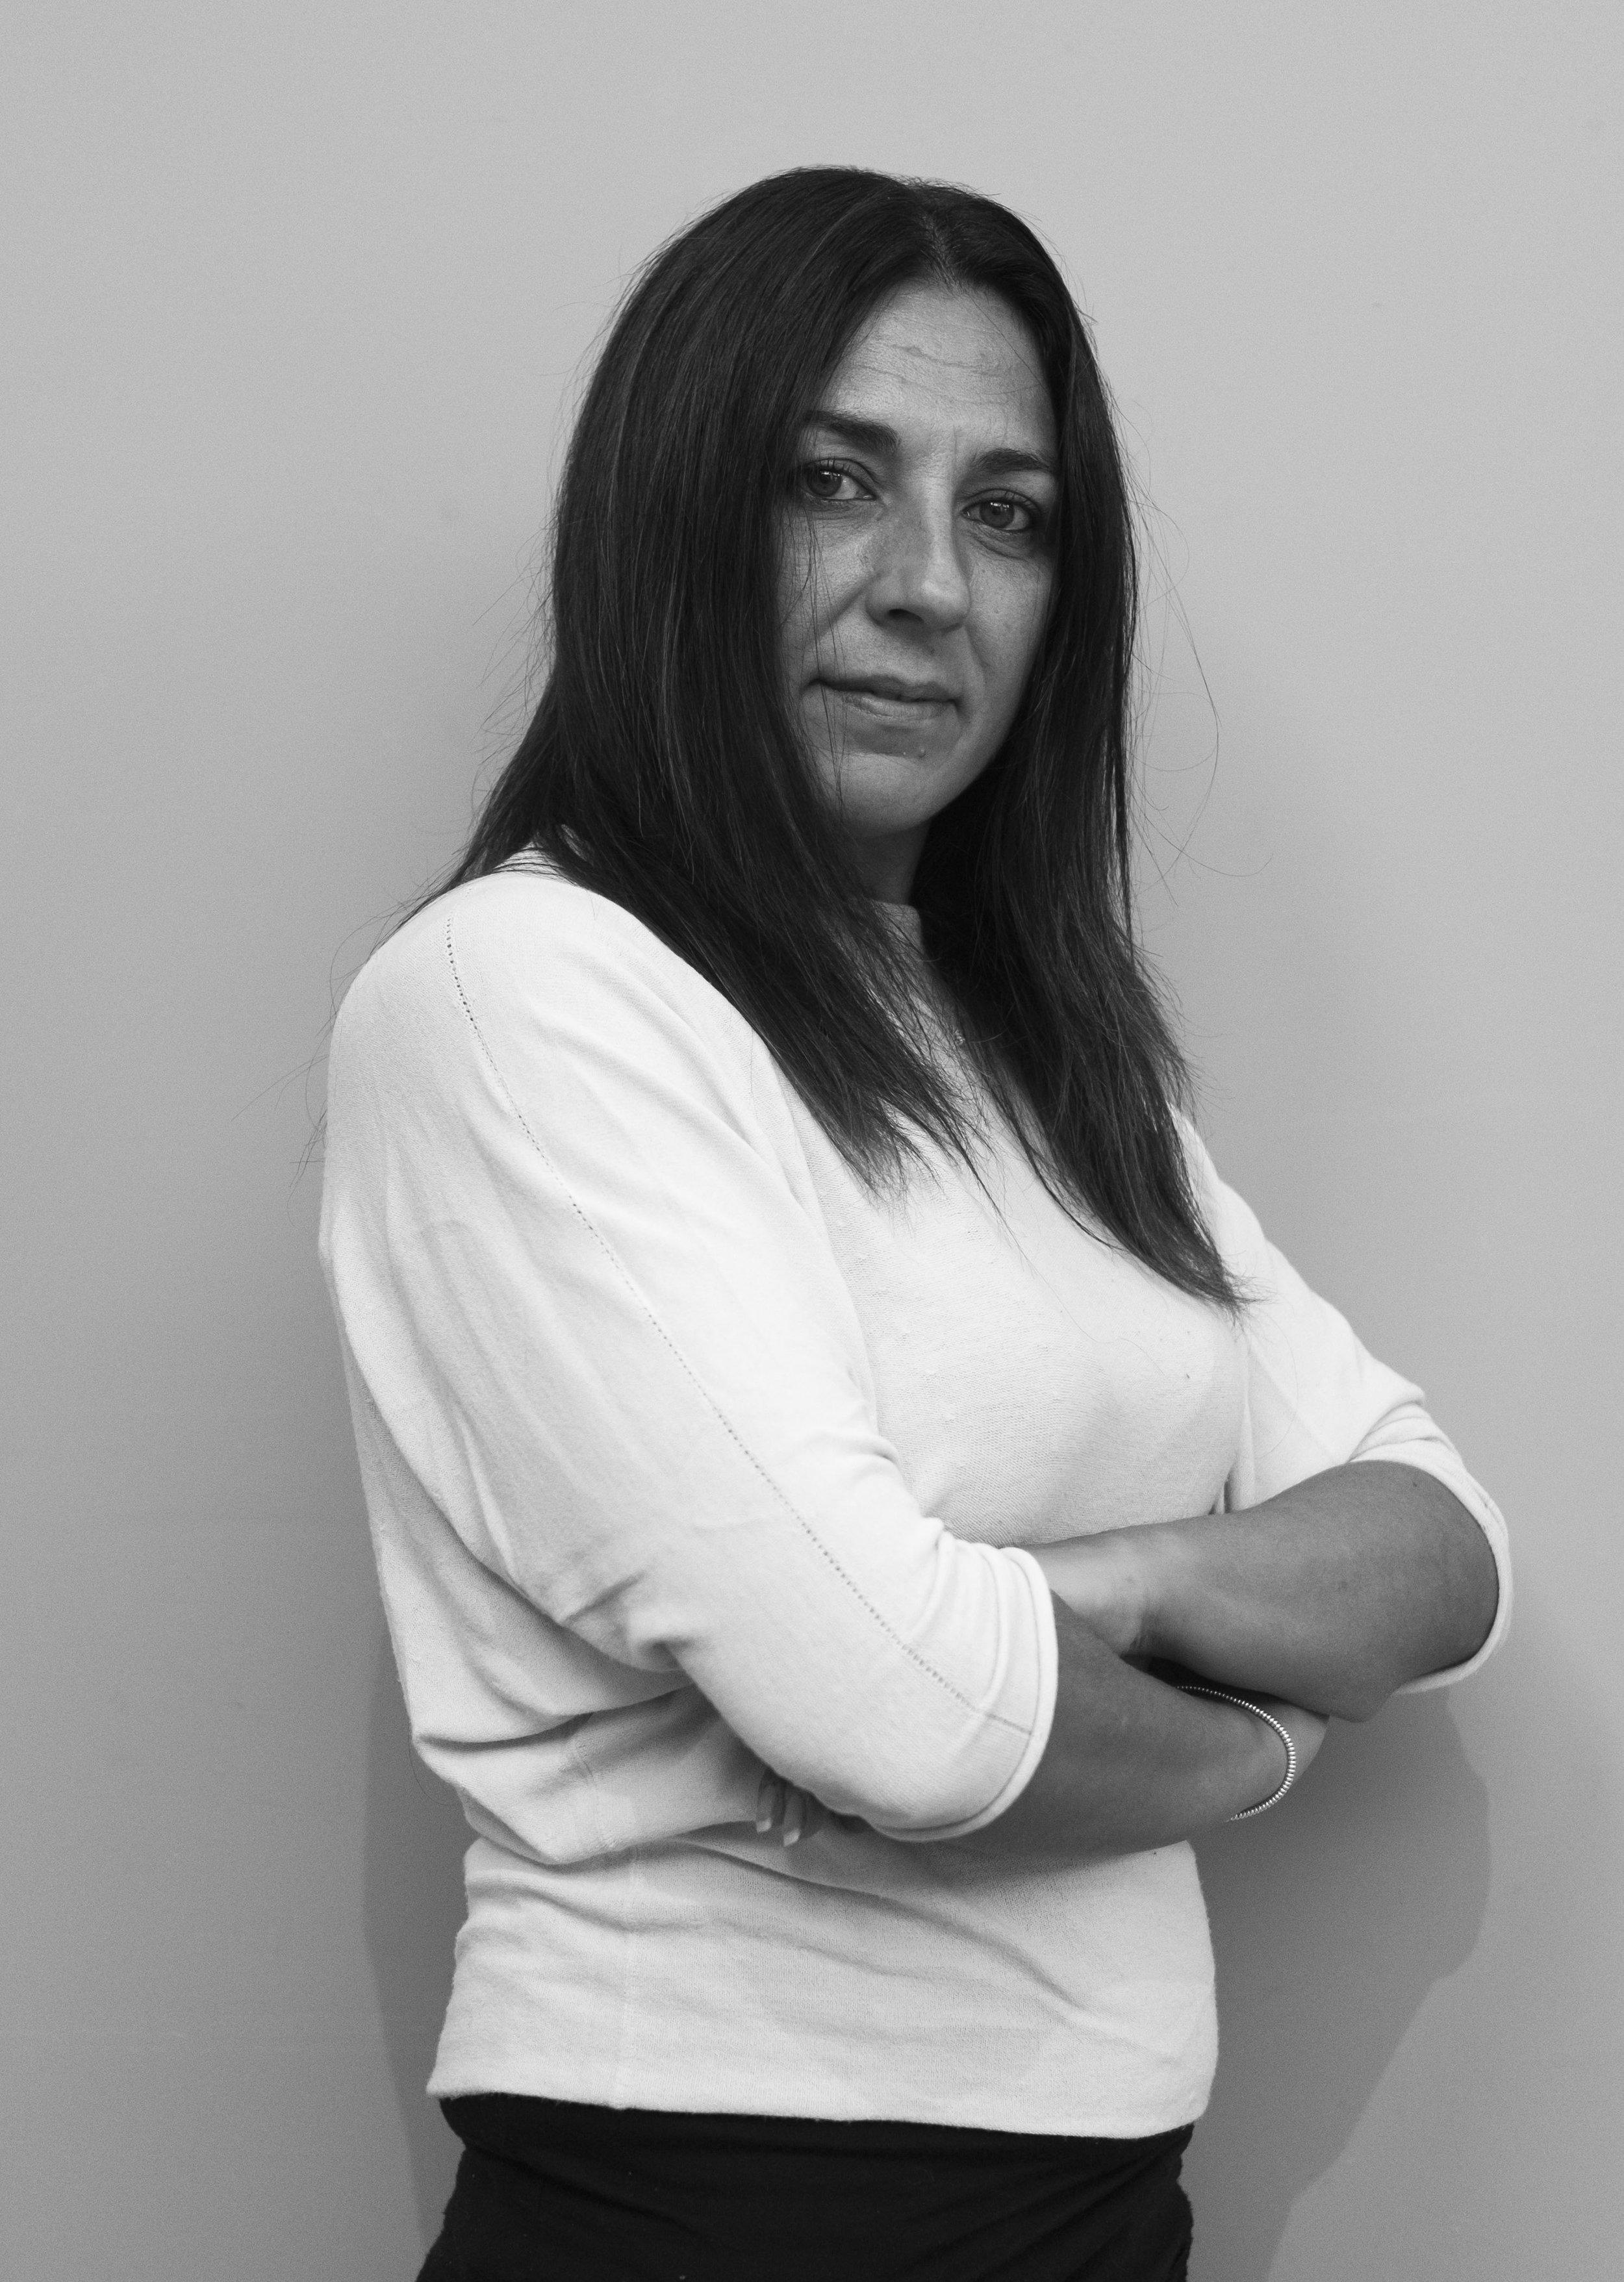 Silvia Mattioli